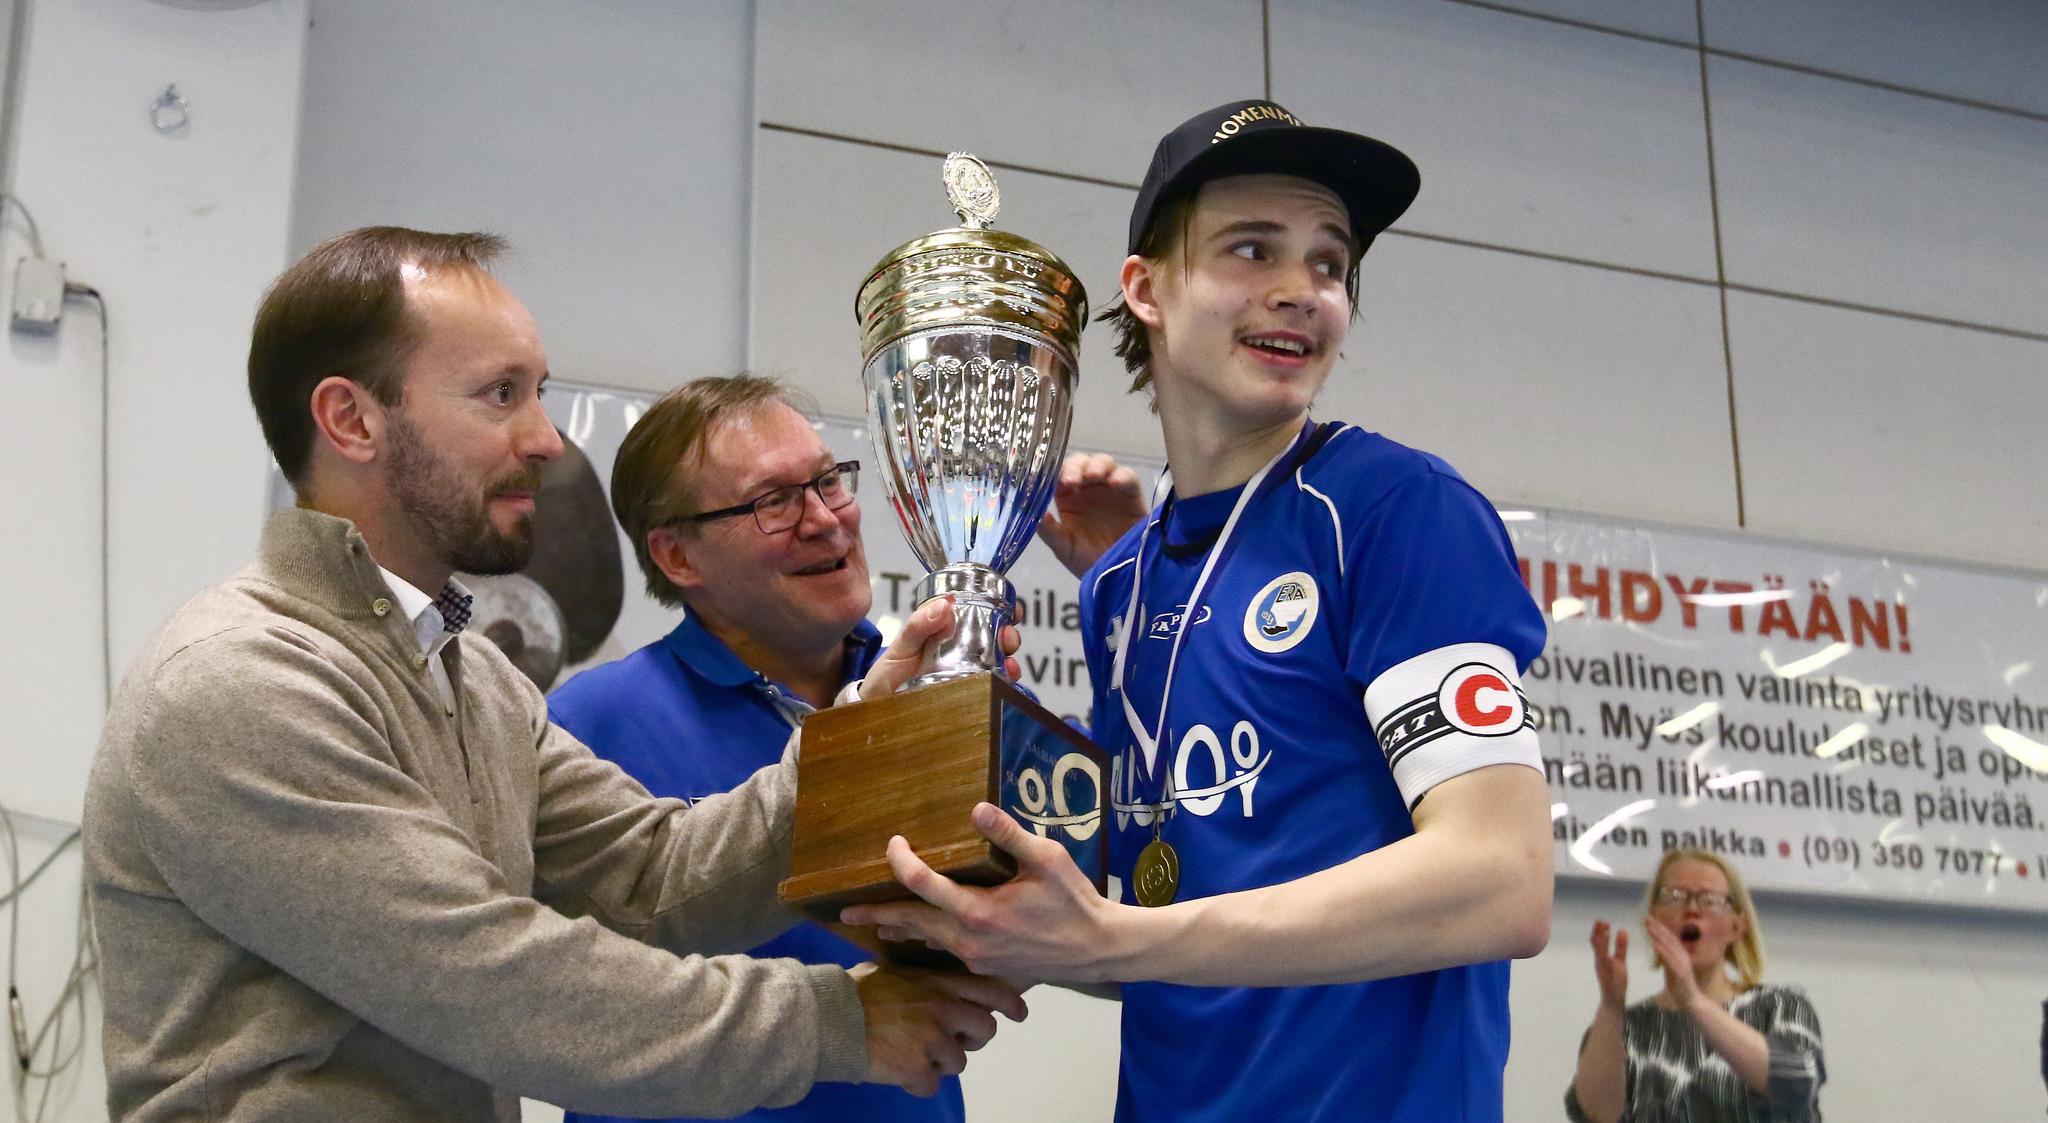 Tähän päättyi kausi 2015-2016. A-nuorissa luvassa mielenkiintoinen vuosi. Kuva: Juhani Järvenpää